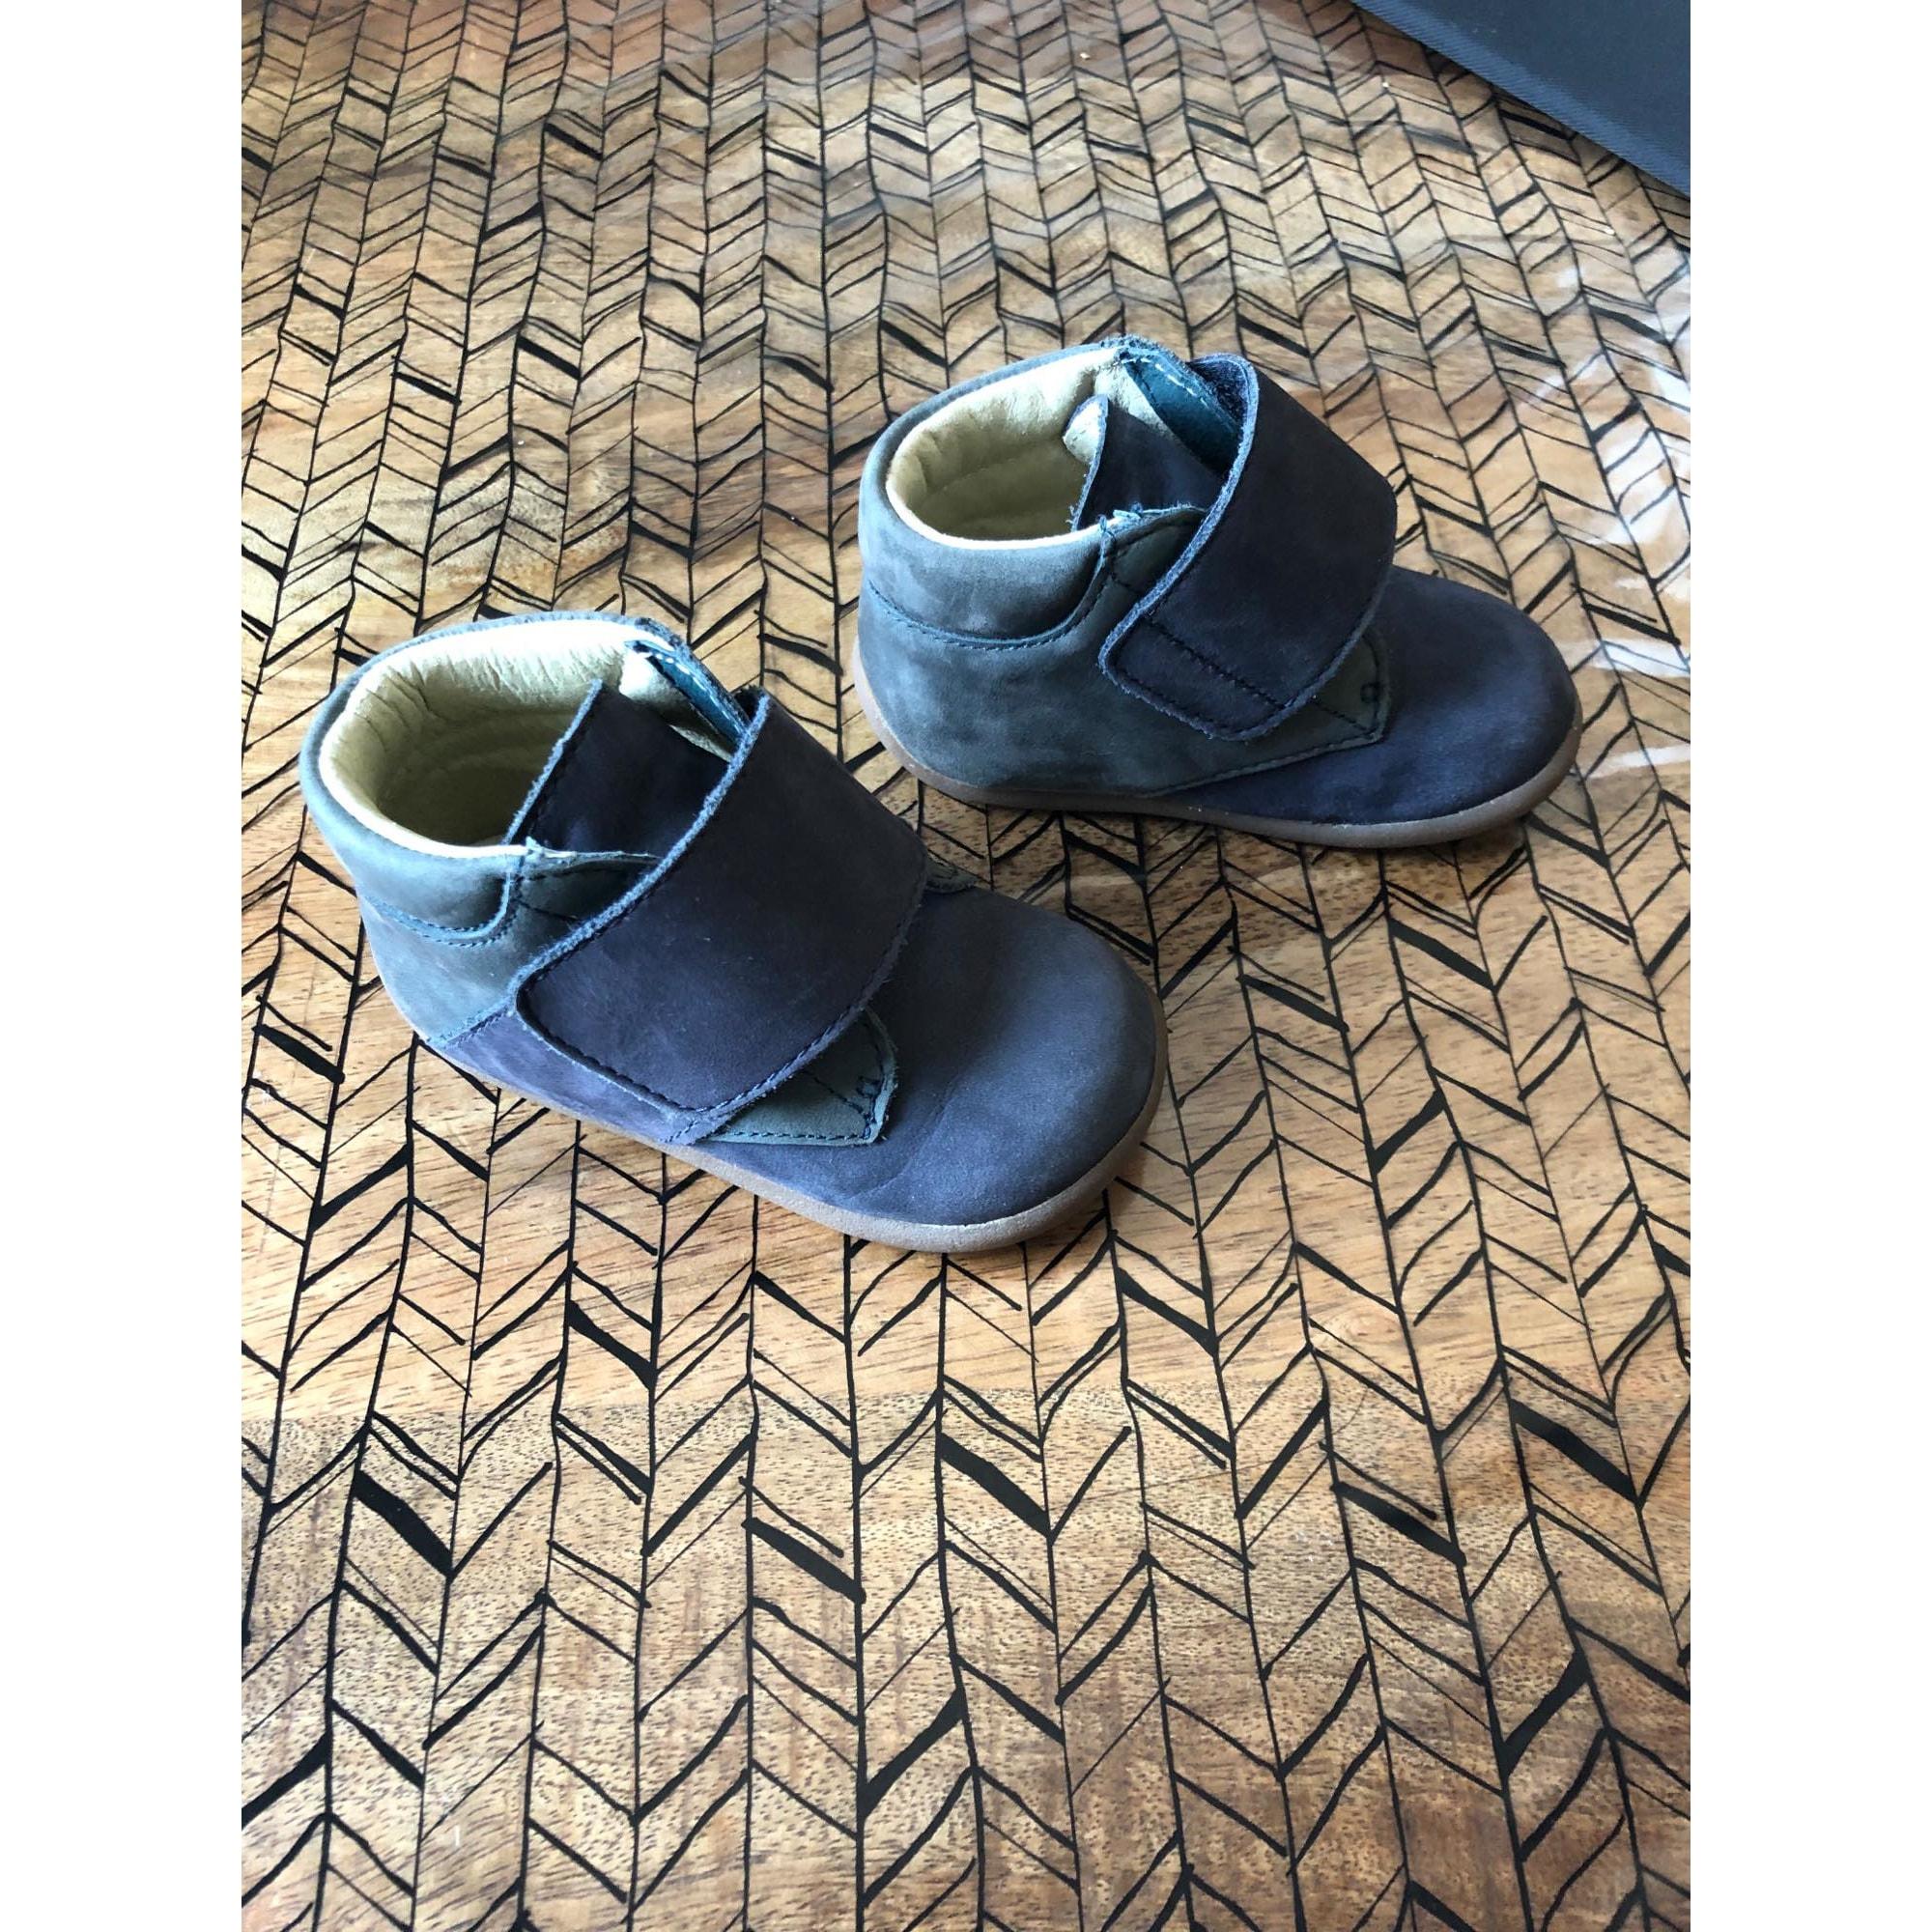 Velcro Shoes DU PAREIL AU MÊME DPAM Blue, navy, turquoise